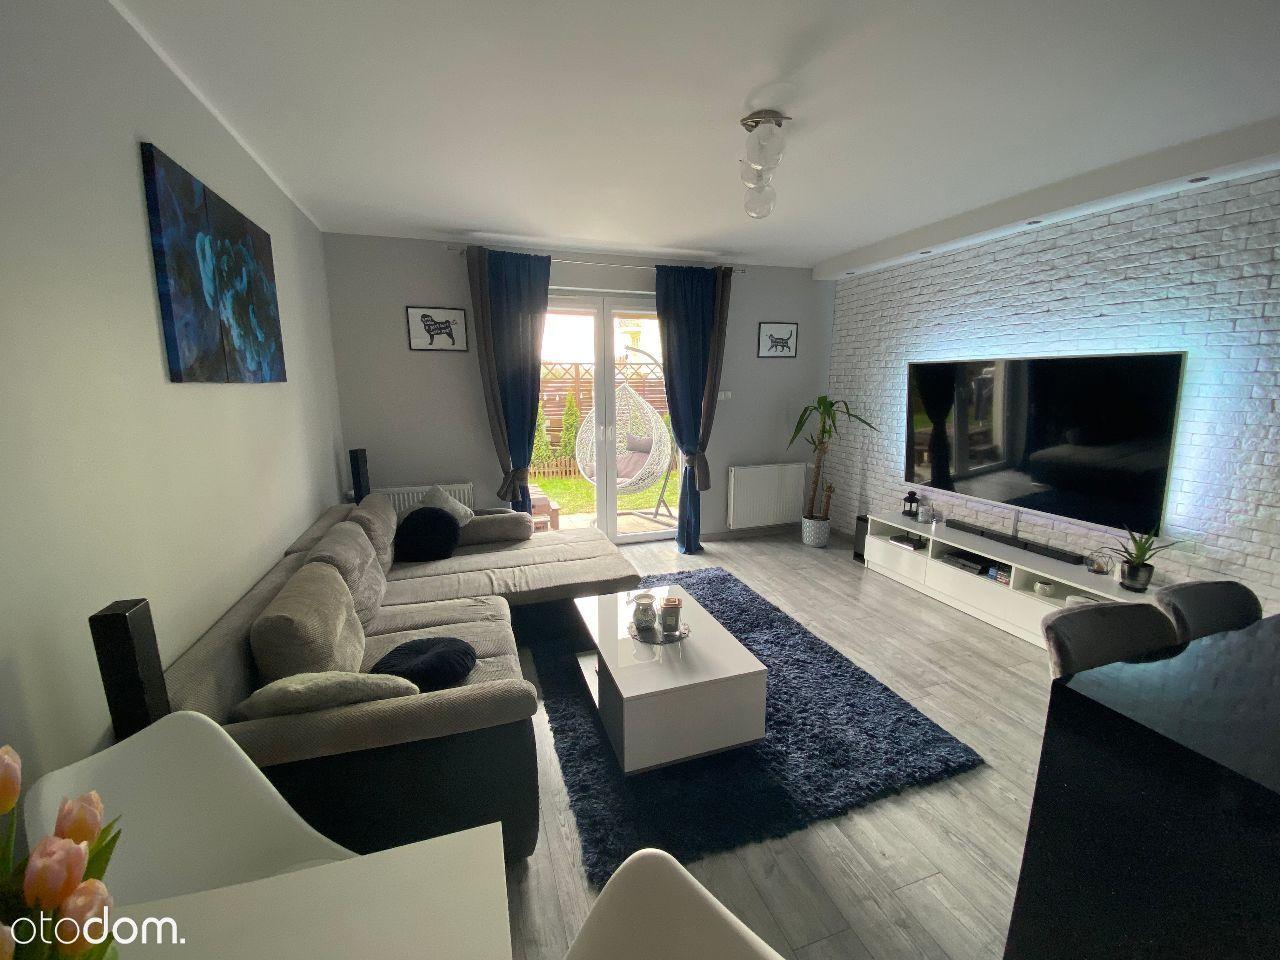 Mieszkanie 2-pokojowe 53 m2 z prywatnym ogródkiem